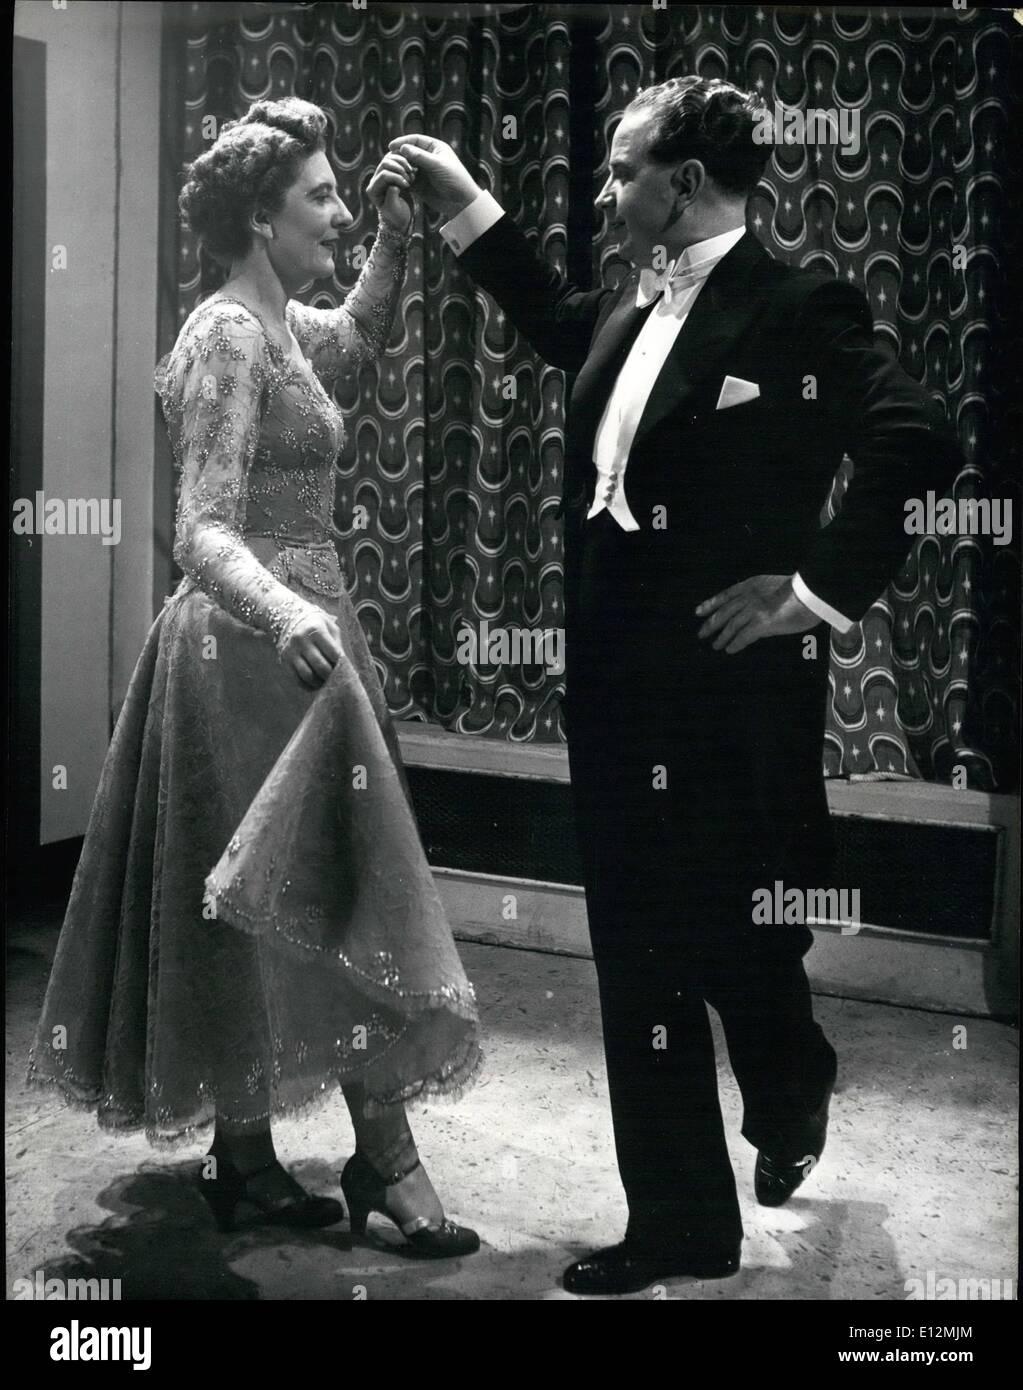 24 février 2012 - La dame termine le tour sous le bras de gentleman et le couple est sur le point d'adopter la valse tenir fermé. Old-Time Expert Danse démontrer leur couronnement Dance ''Une valse de la Reine'': Sydney et Mary Thompson, menant la danse Old-Time experts ont conçu une nouvelle année Coronation ballroom dance pour la télévision, qu'ils ont appelé ''A conçu une nouvelle année Coronation ballroom dance pour la télévision, qu'ils ont appelé ''Une valse de la Reine'' avec de la musique spécialement écrite par Kenneth Wright, chef de programme TV music Photo Stock